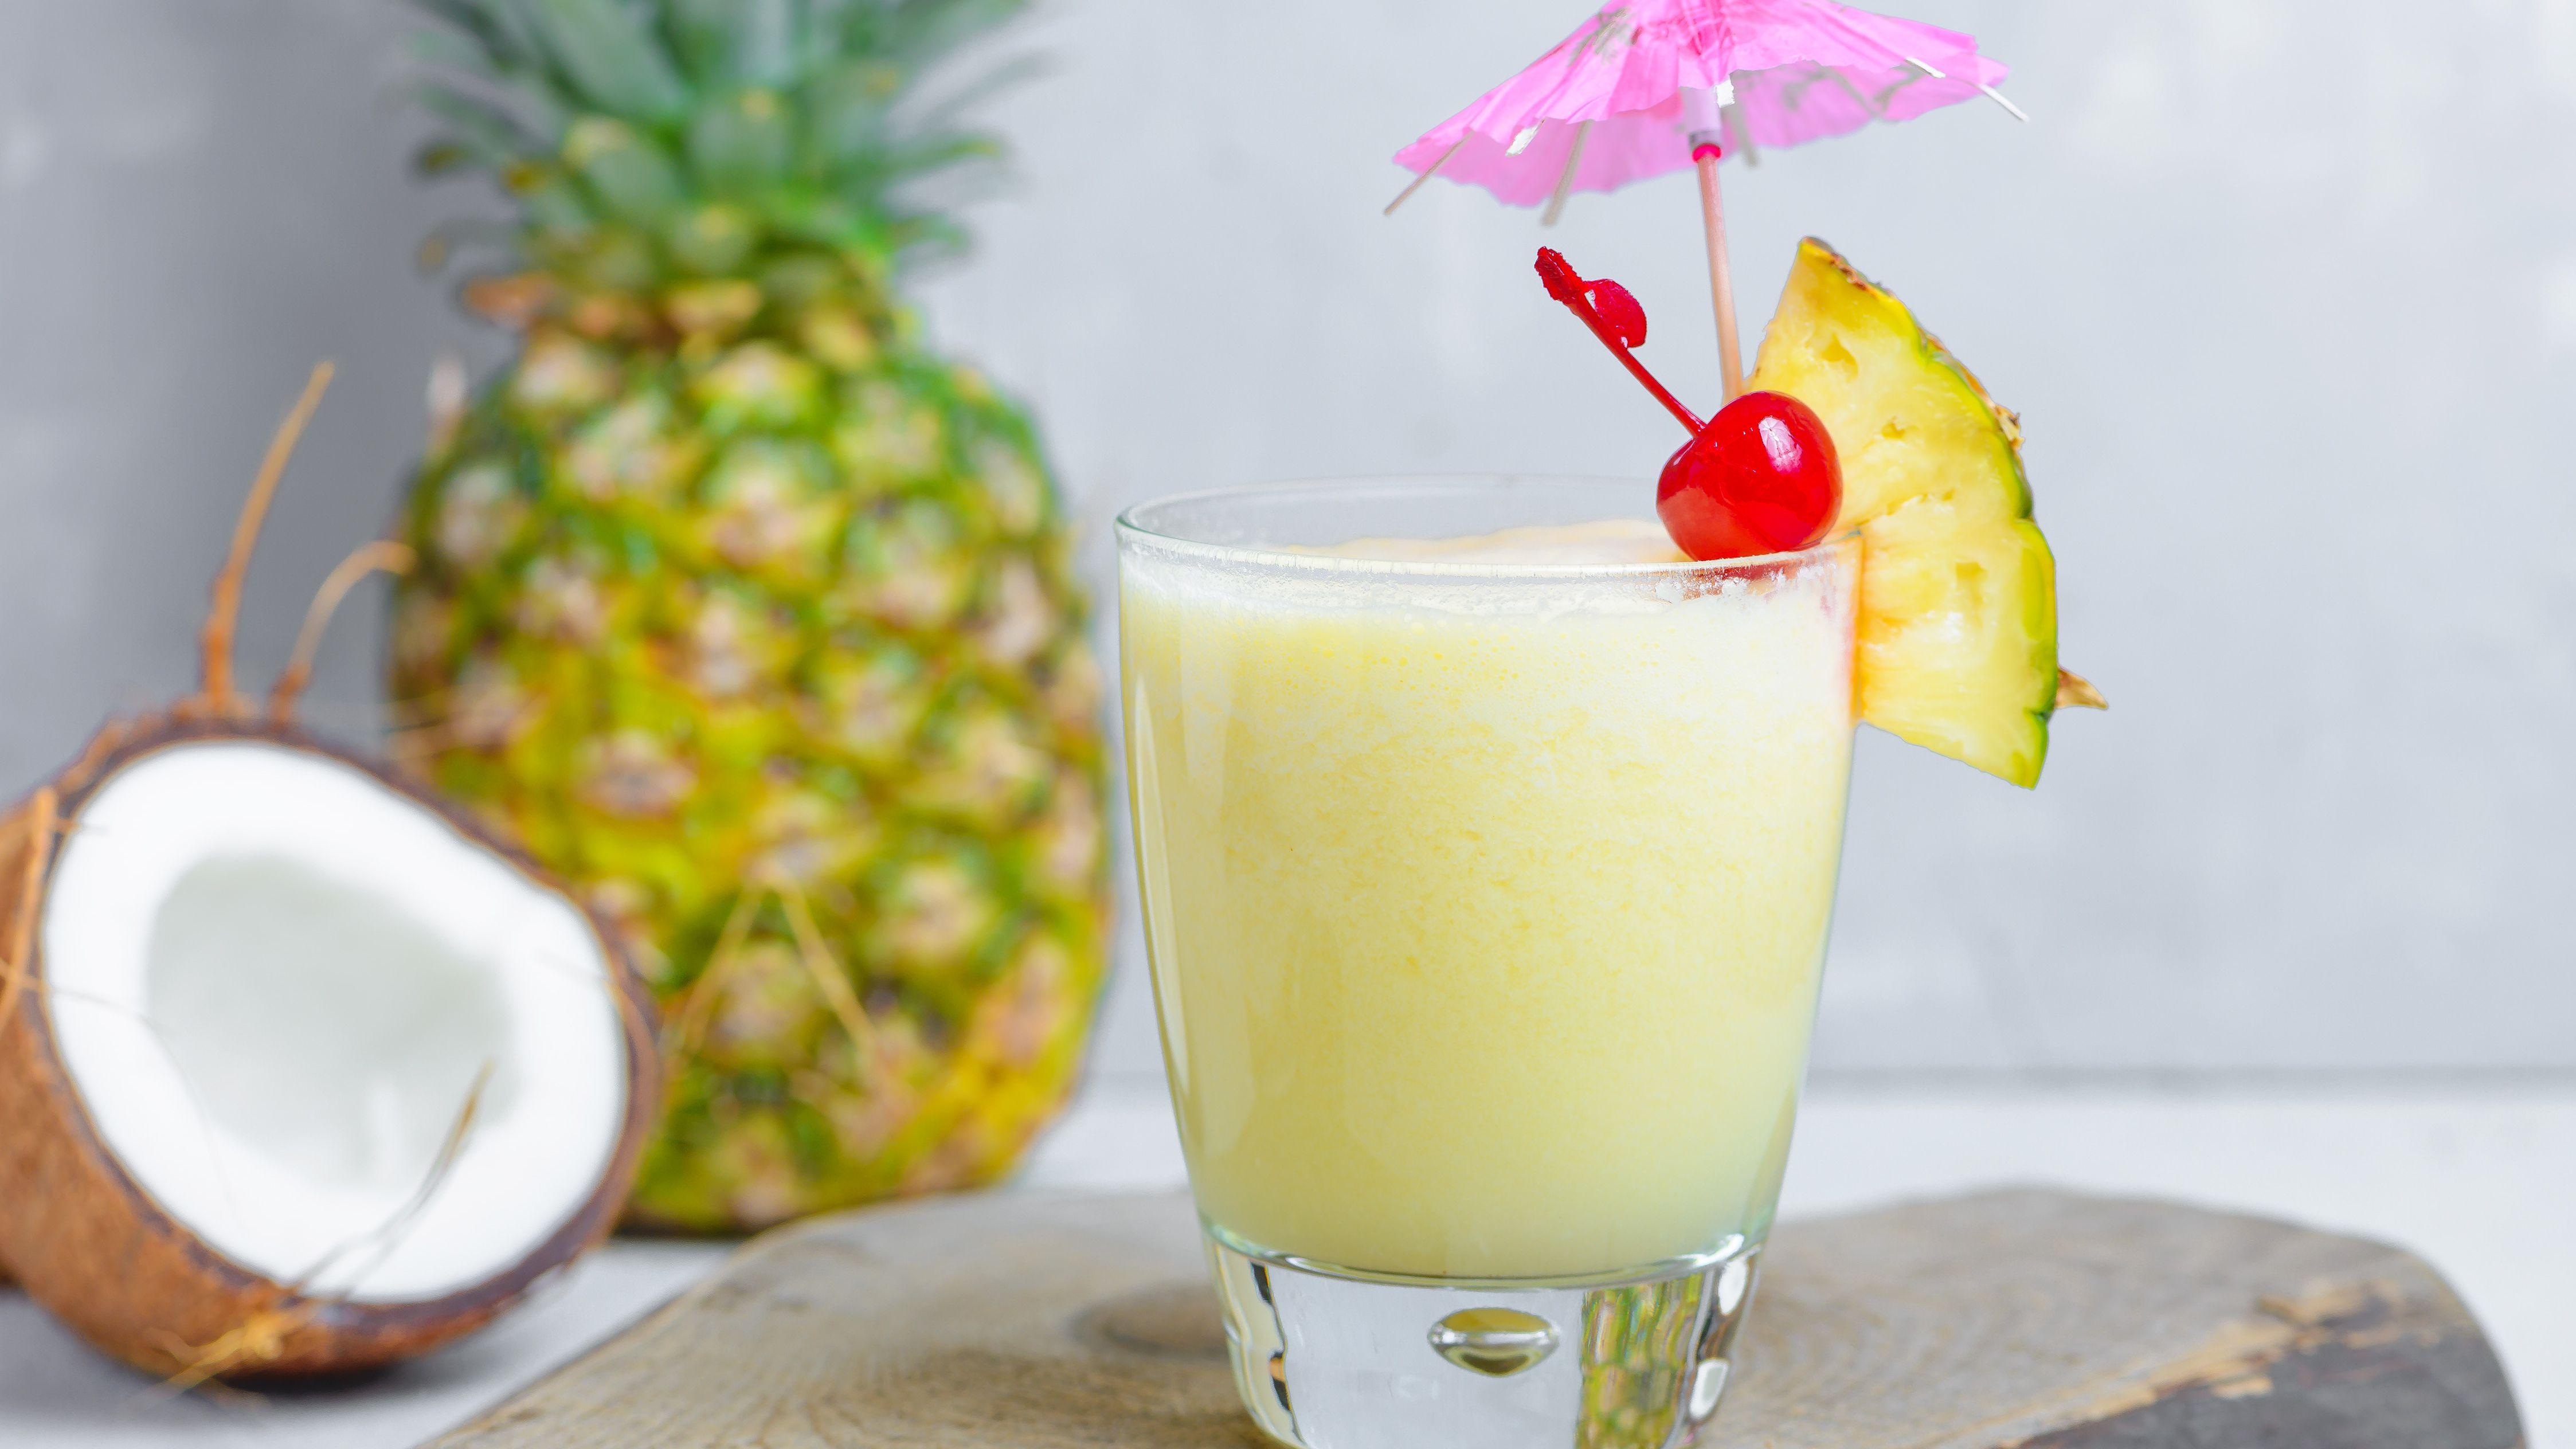 Virgin Pina Colada Recipe A Nonalcoholic Alternative